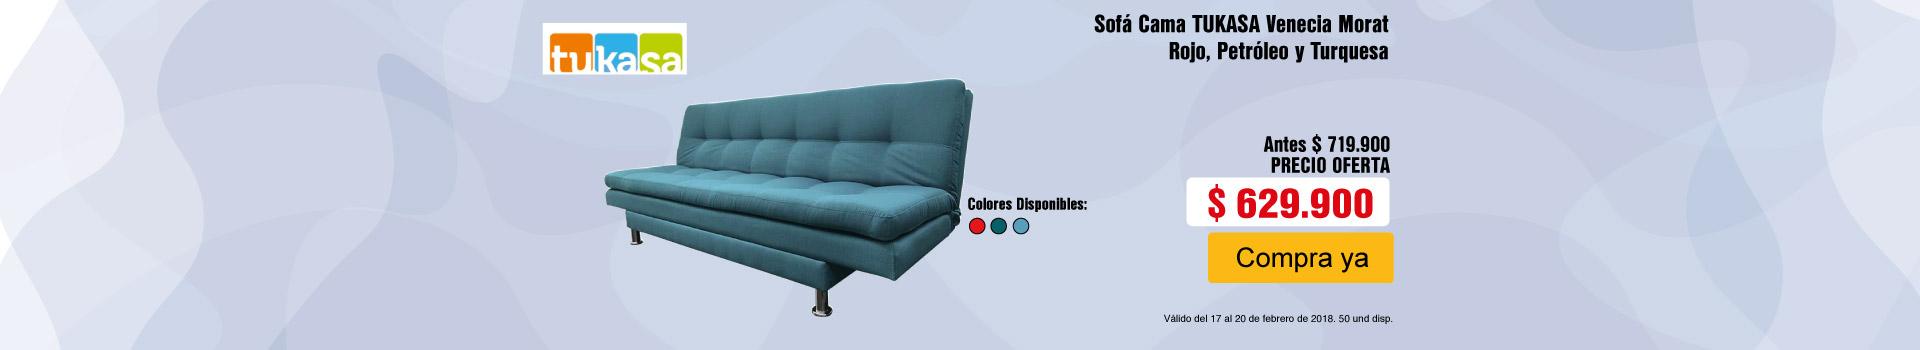 CAT AK-3-muebles-sofas-venecia-morat-tukasa-feb17-20